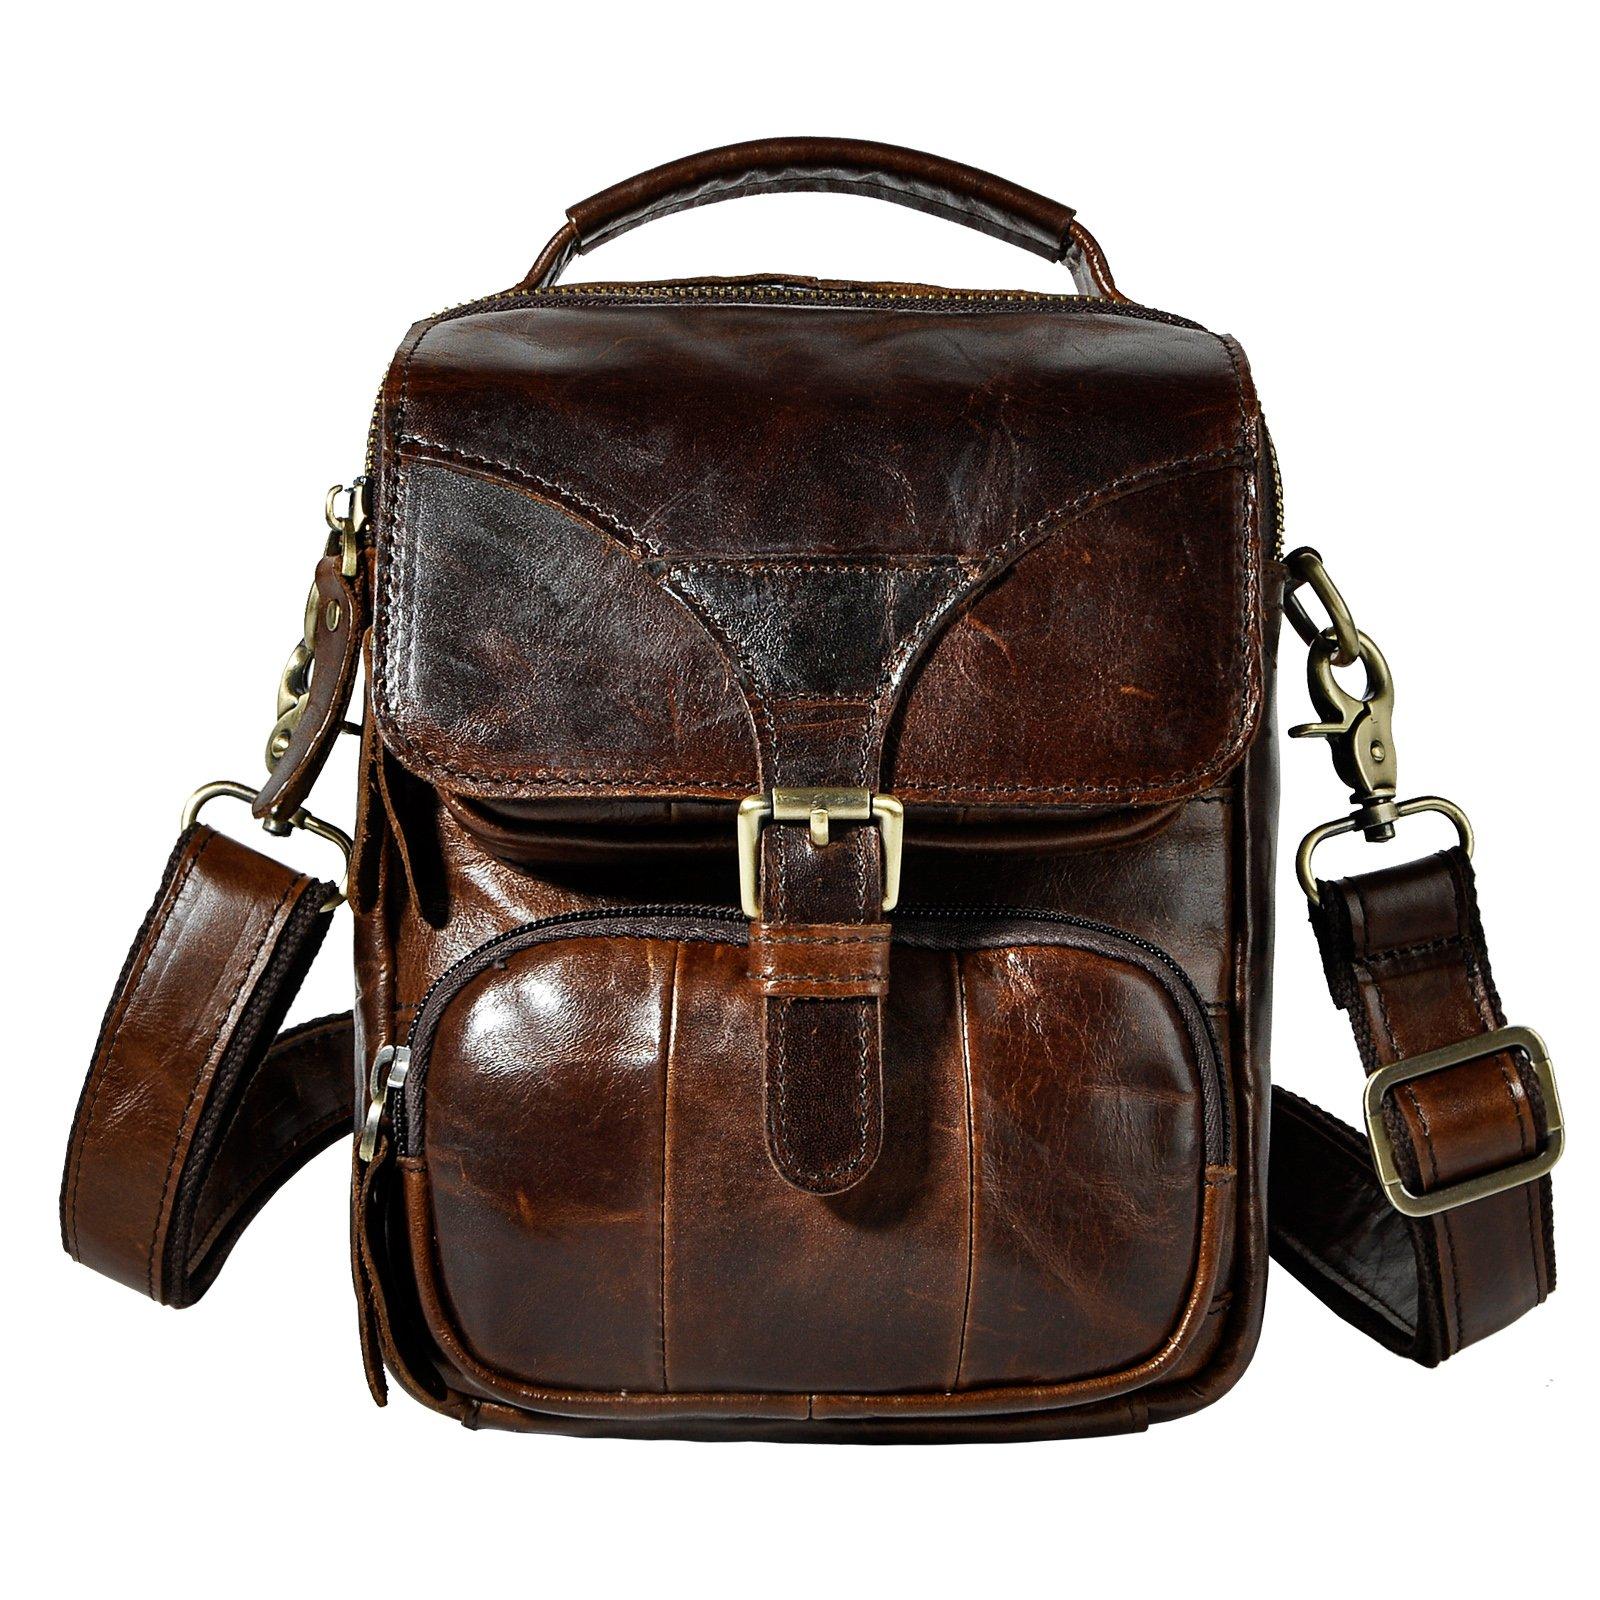 Le'aokuu Men Real Leather Sling Messenger Bag Waist Belt Pack Hip Bum Bag Tote 2074 (coffee)